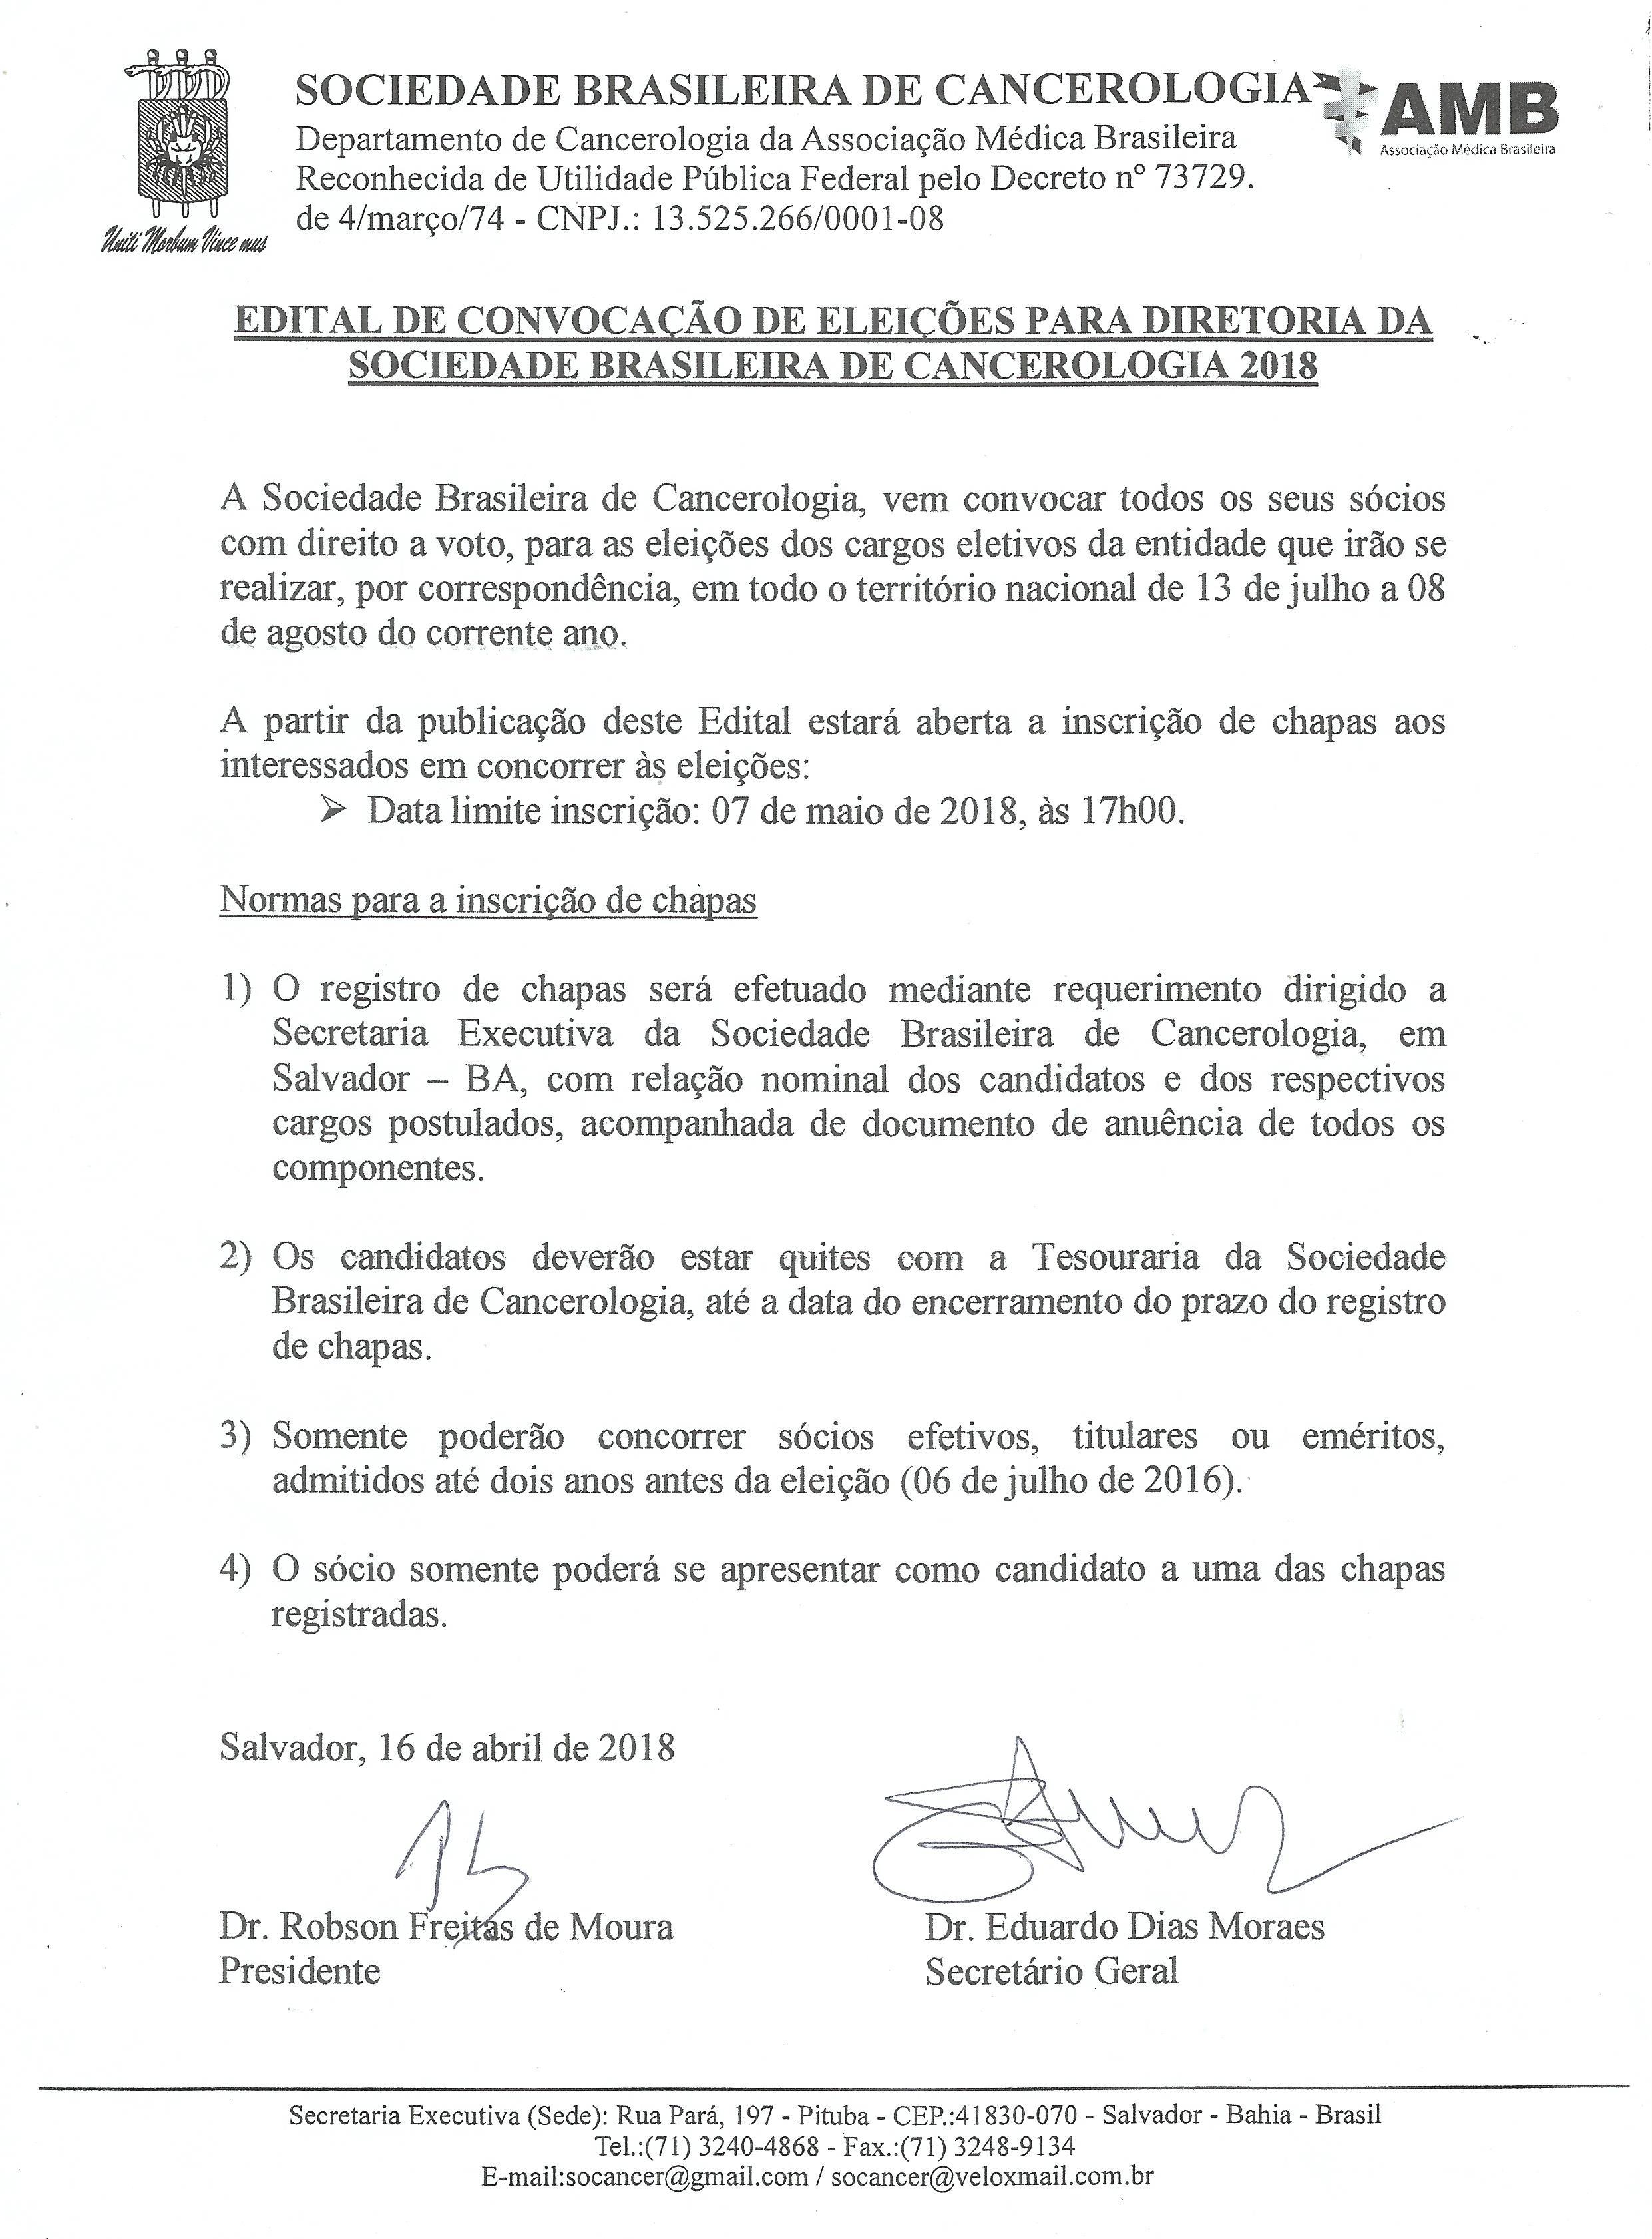 edital-convocacao-2018